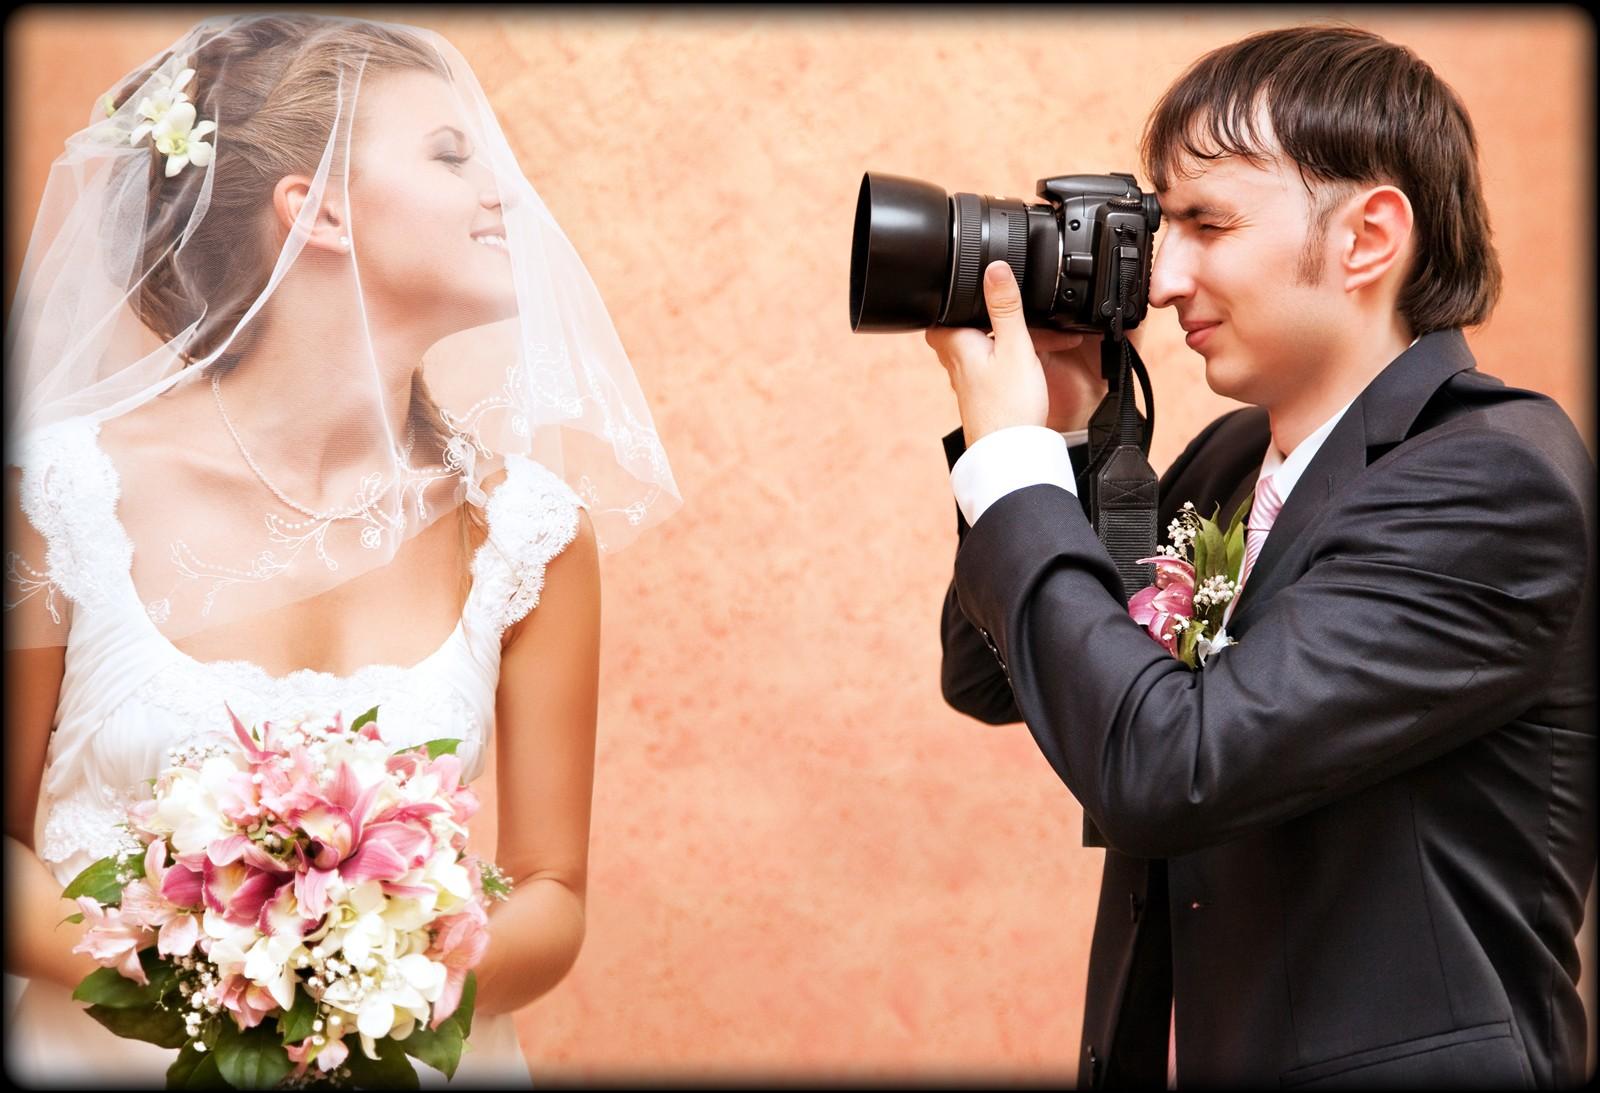 Может ли фотография повлиять на судьбу человека